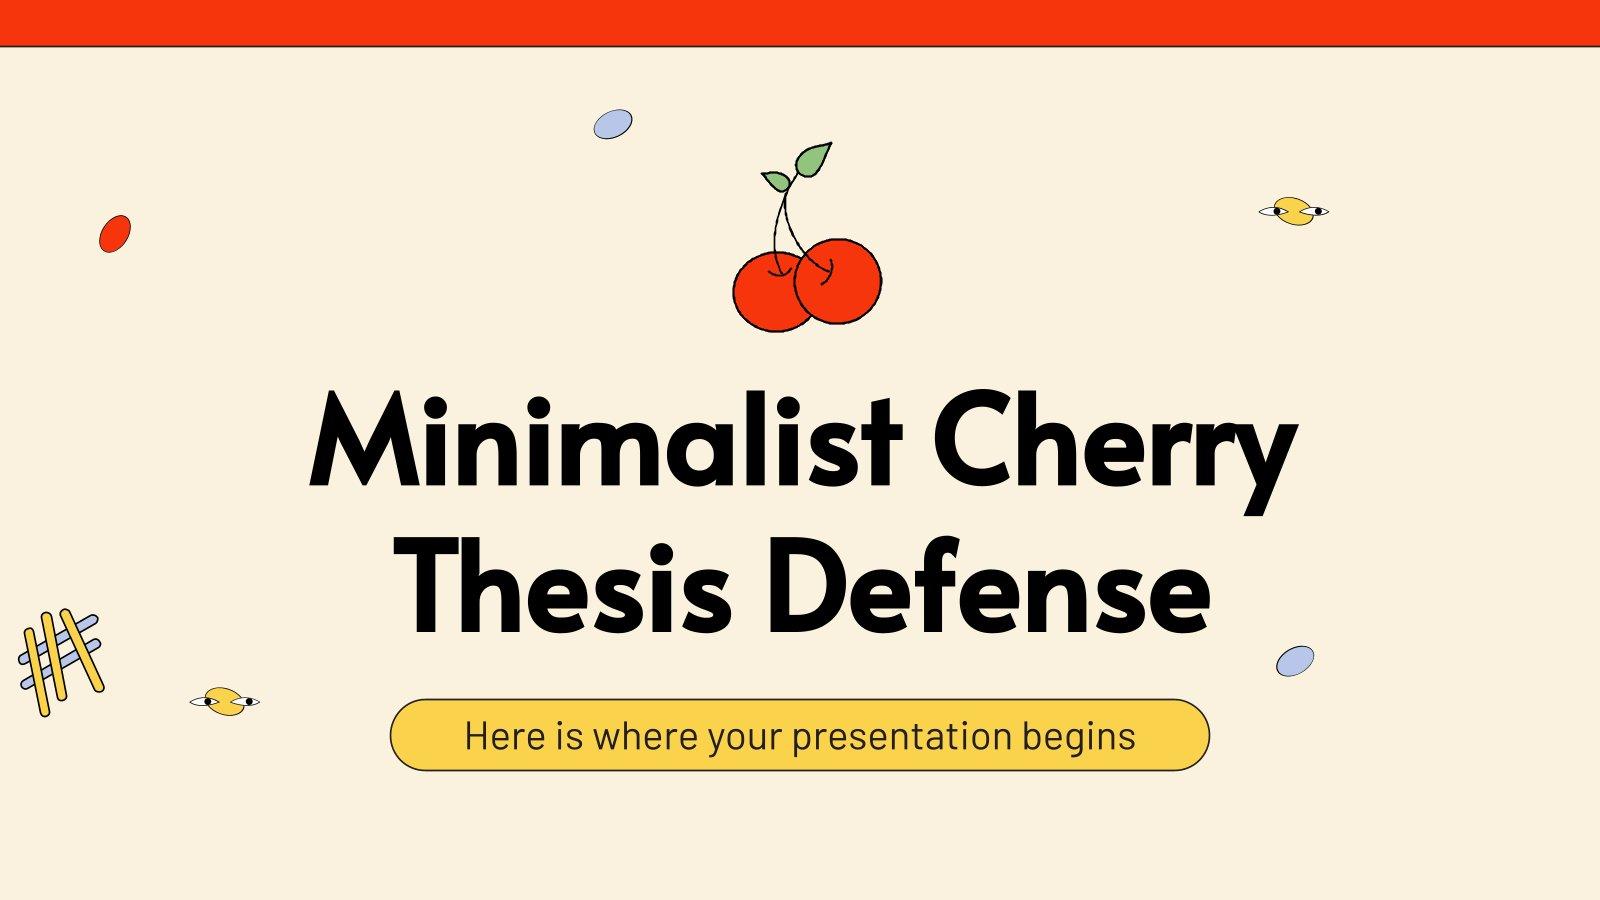 Soutenance de thèse minimaliste avec des cerises : Modèles de présentation